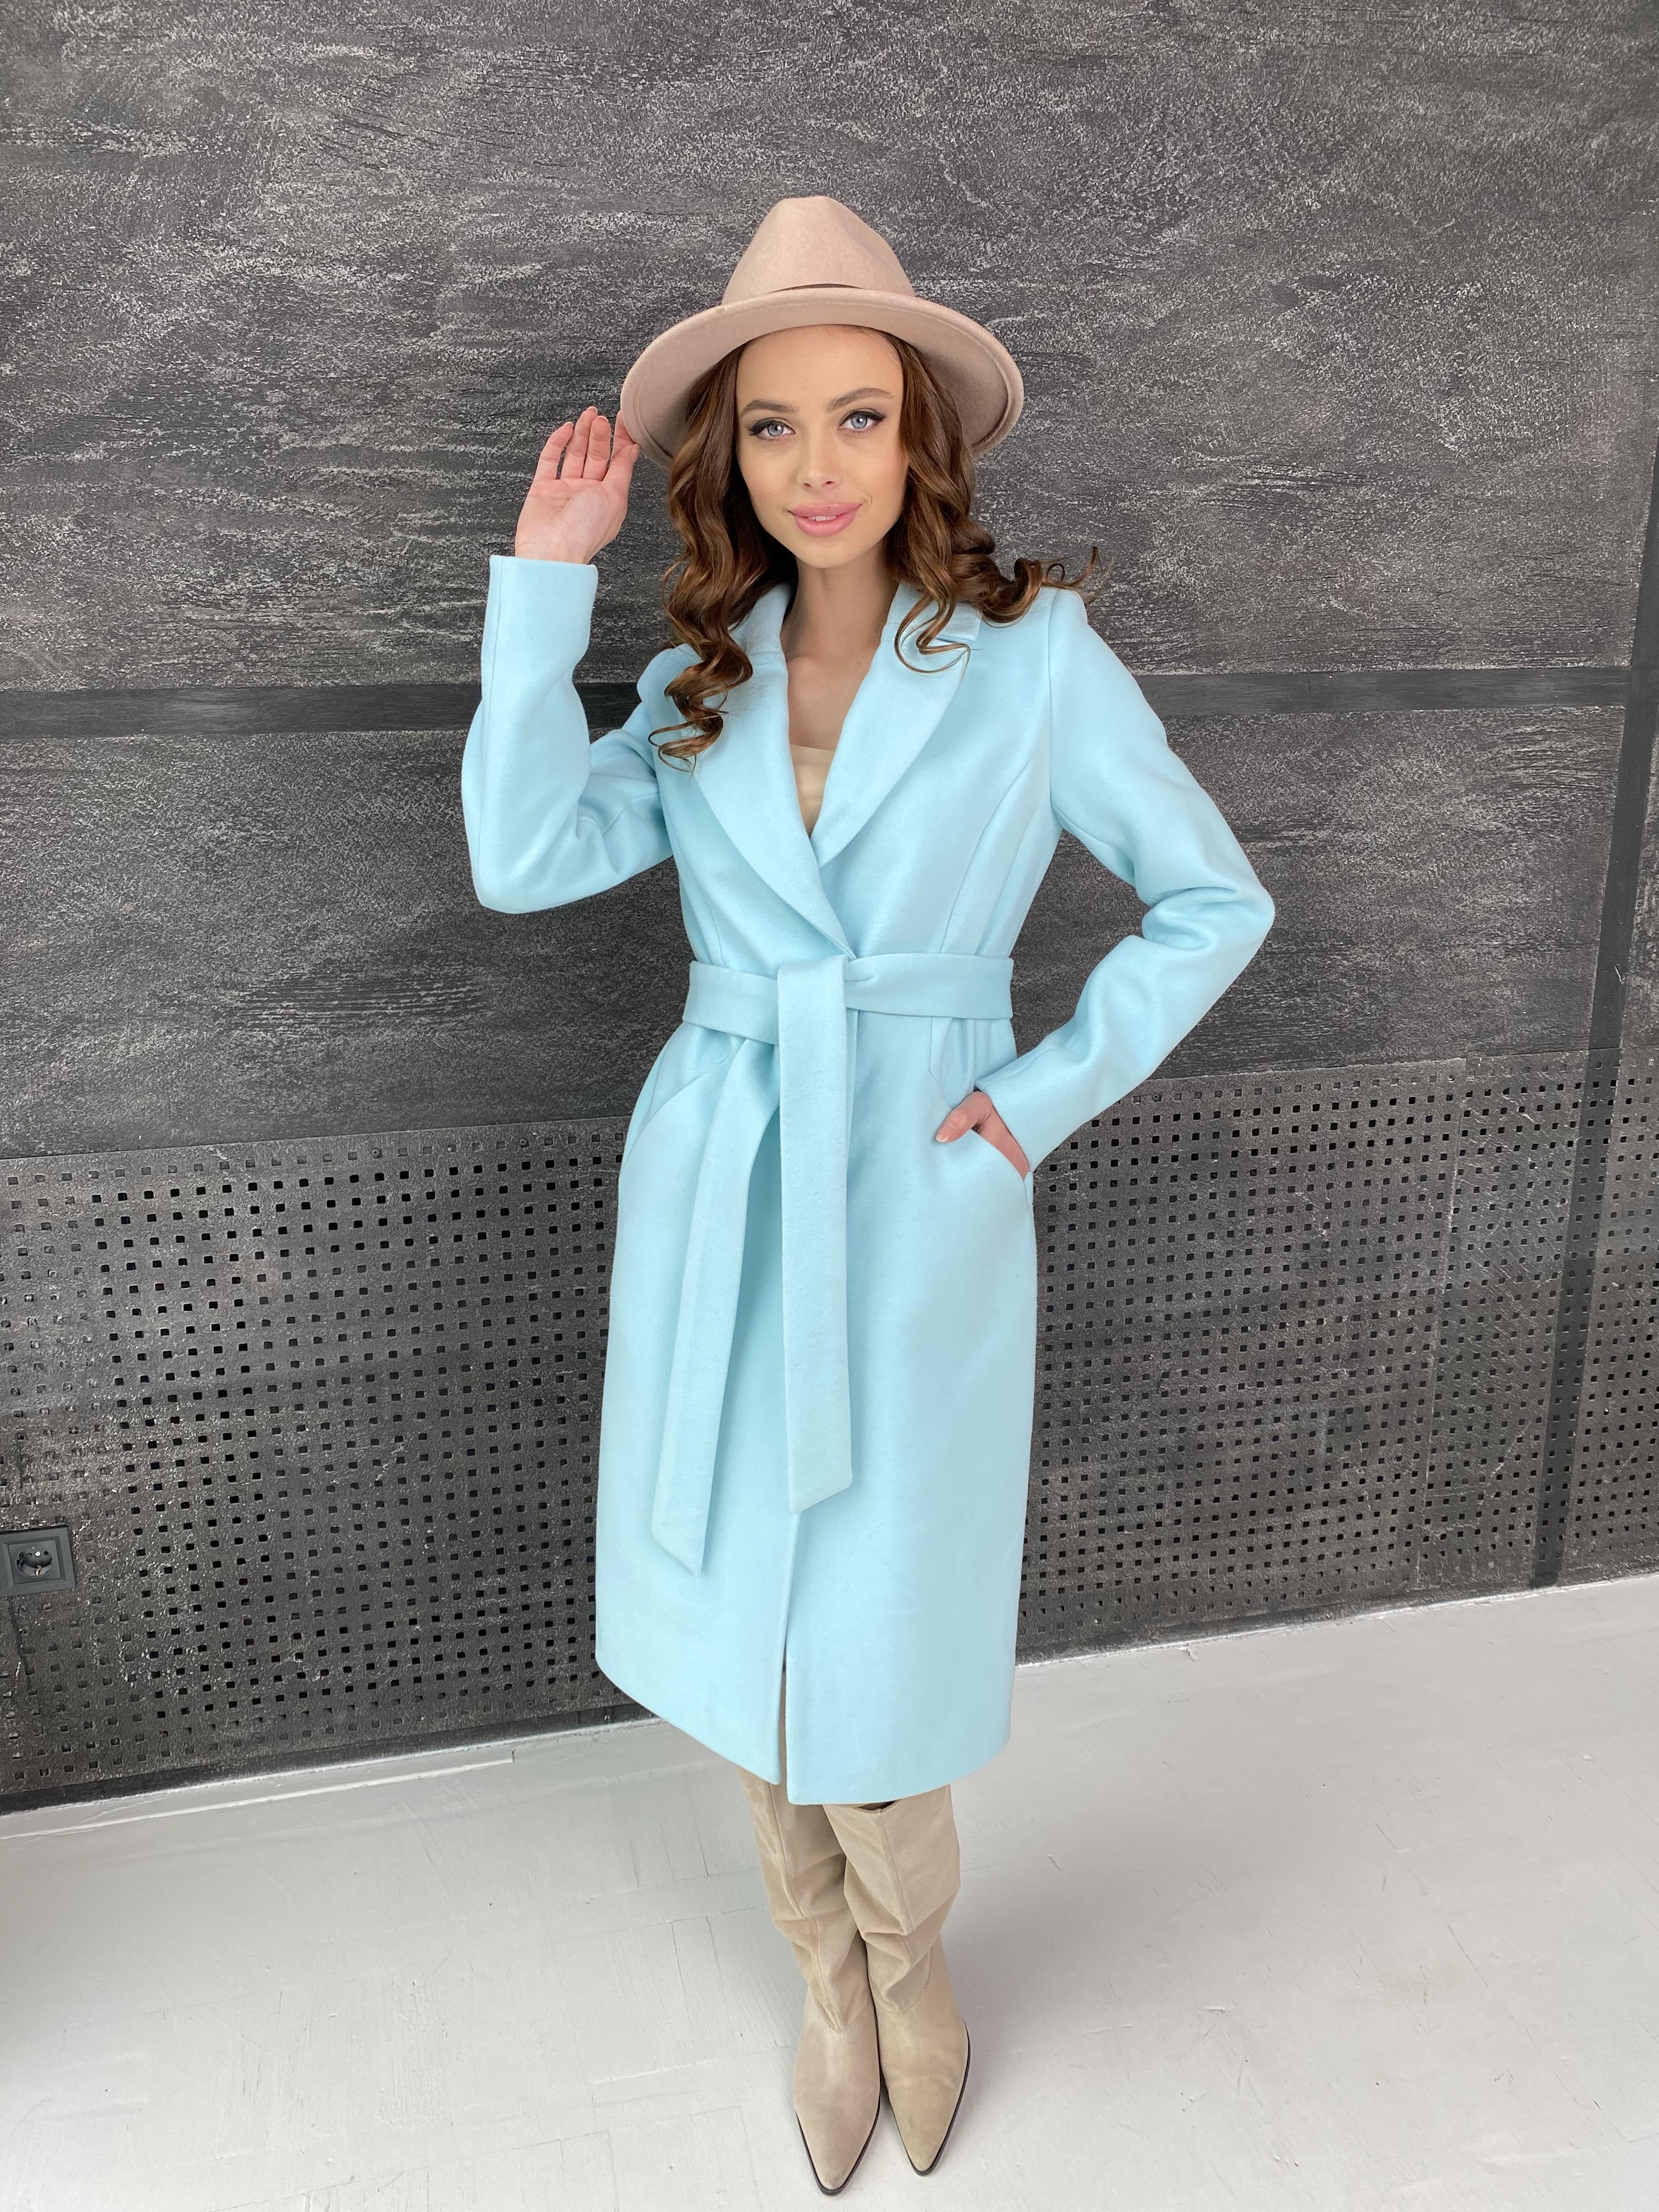 Мехико пальто из кашемира 9026 АРТ. 45350 Цвет: Мята 6 - фото 3, интернет магазин tm-modus.ru